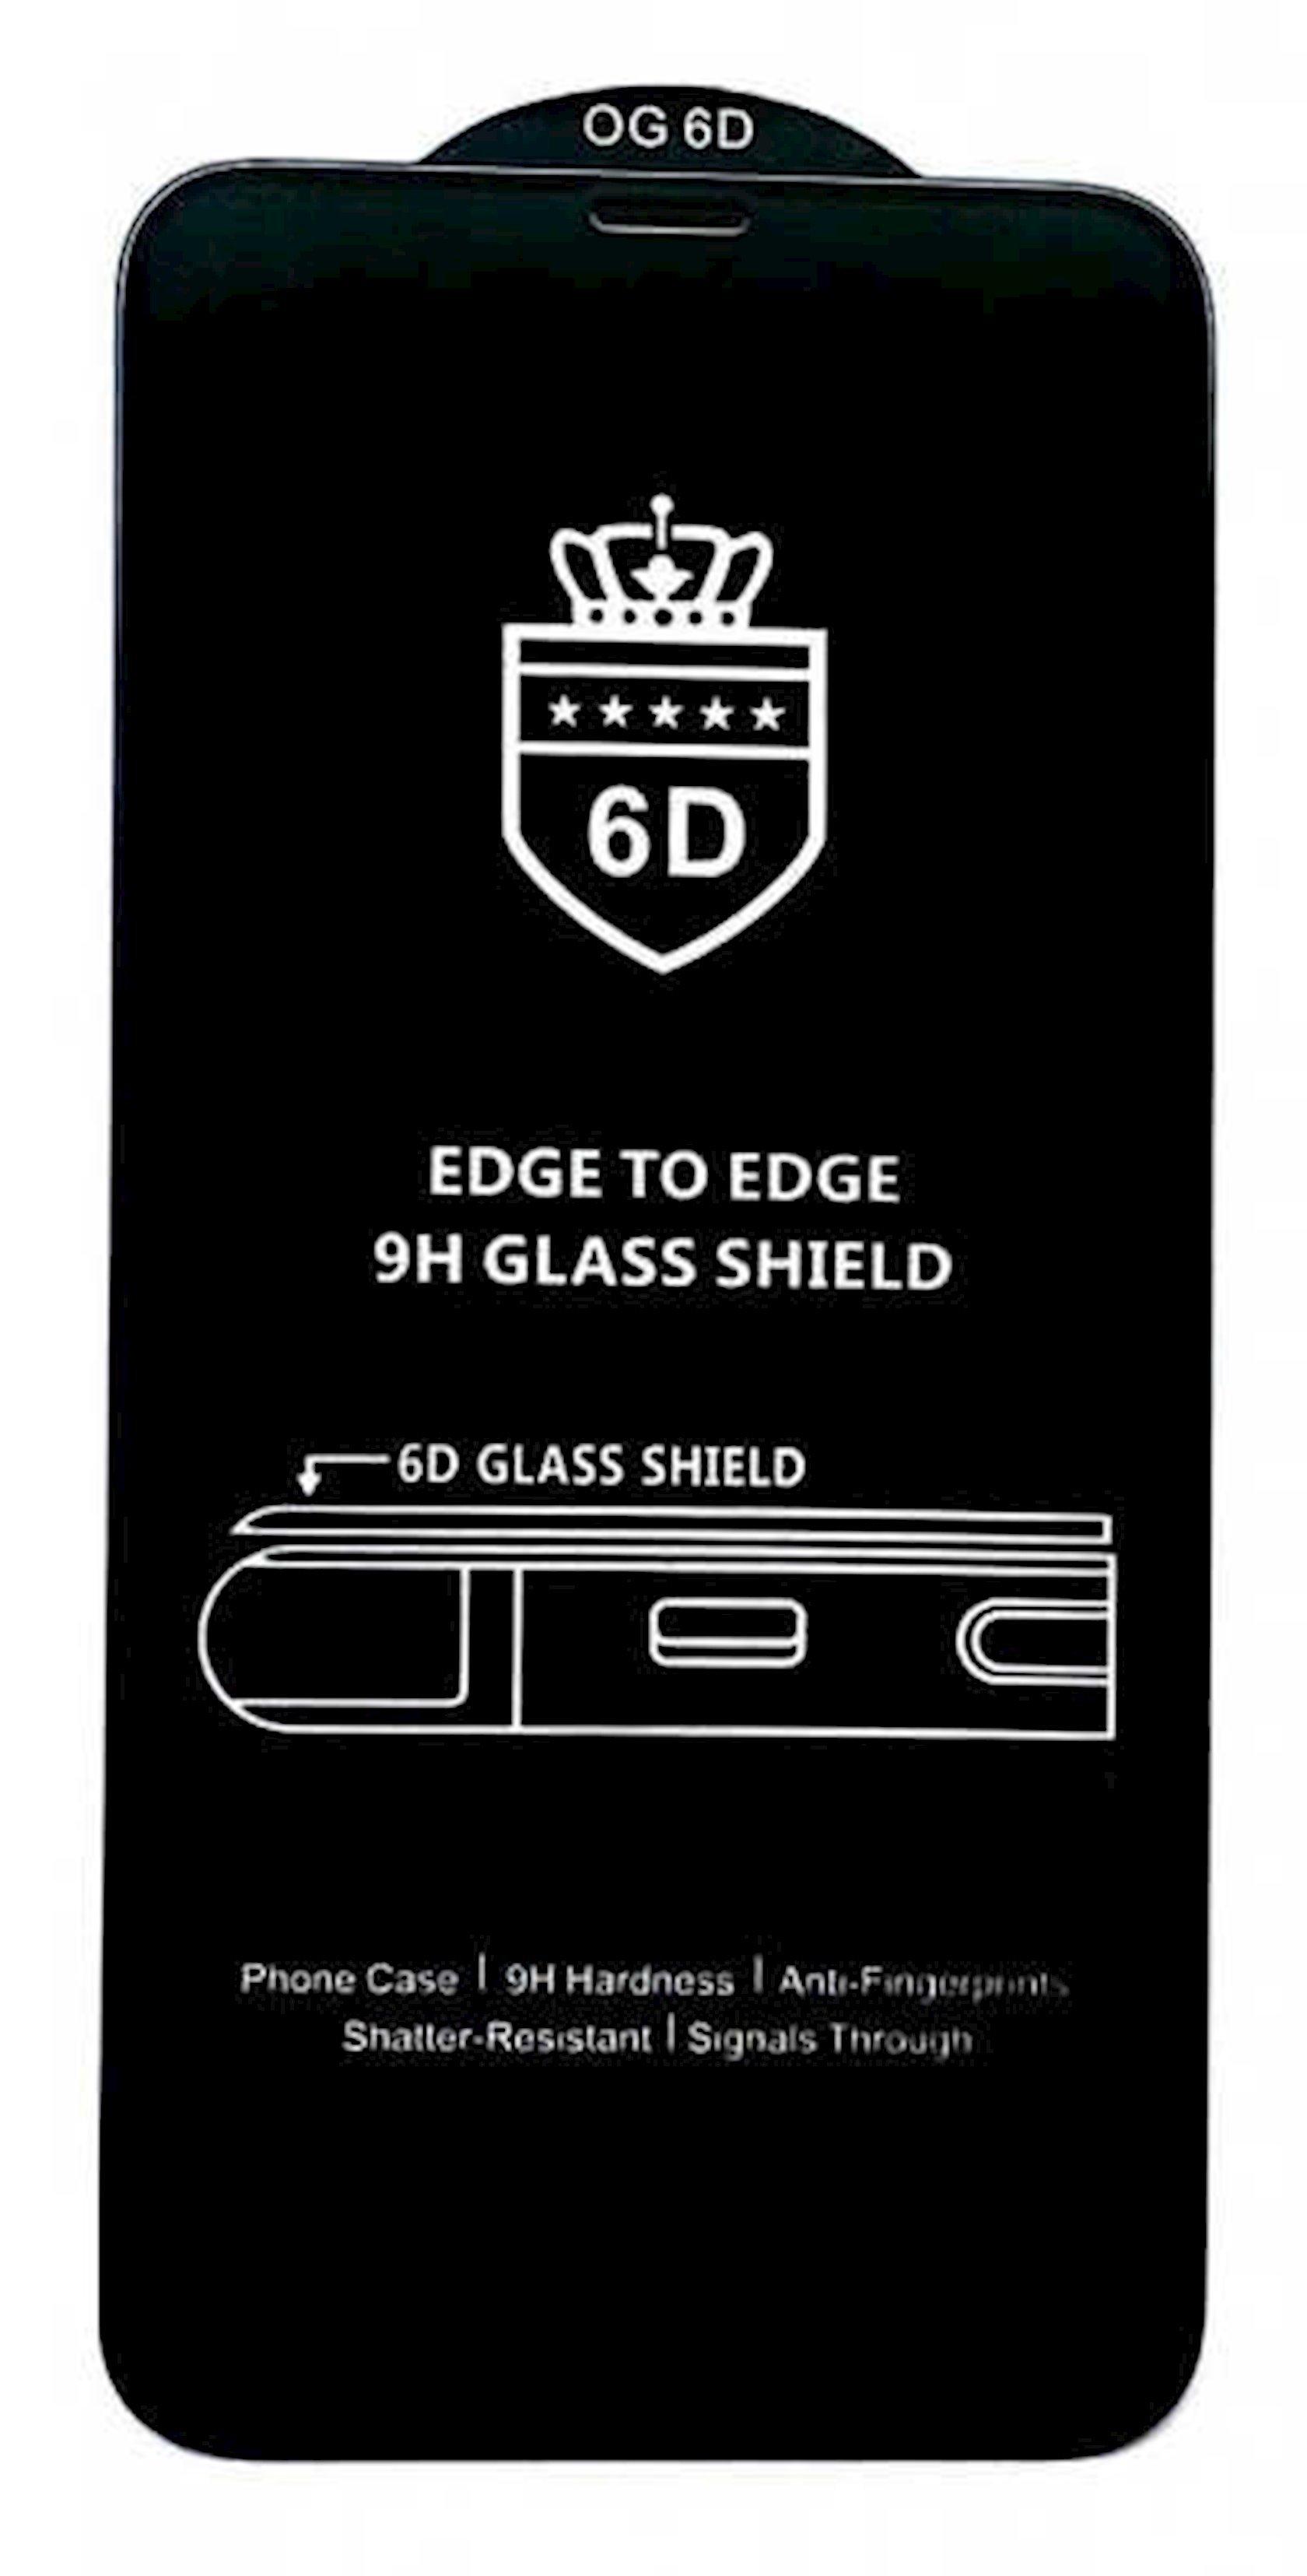 Qoruyucu şüşə OG 6D Samsung Galaxy A12/M12 üçün